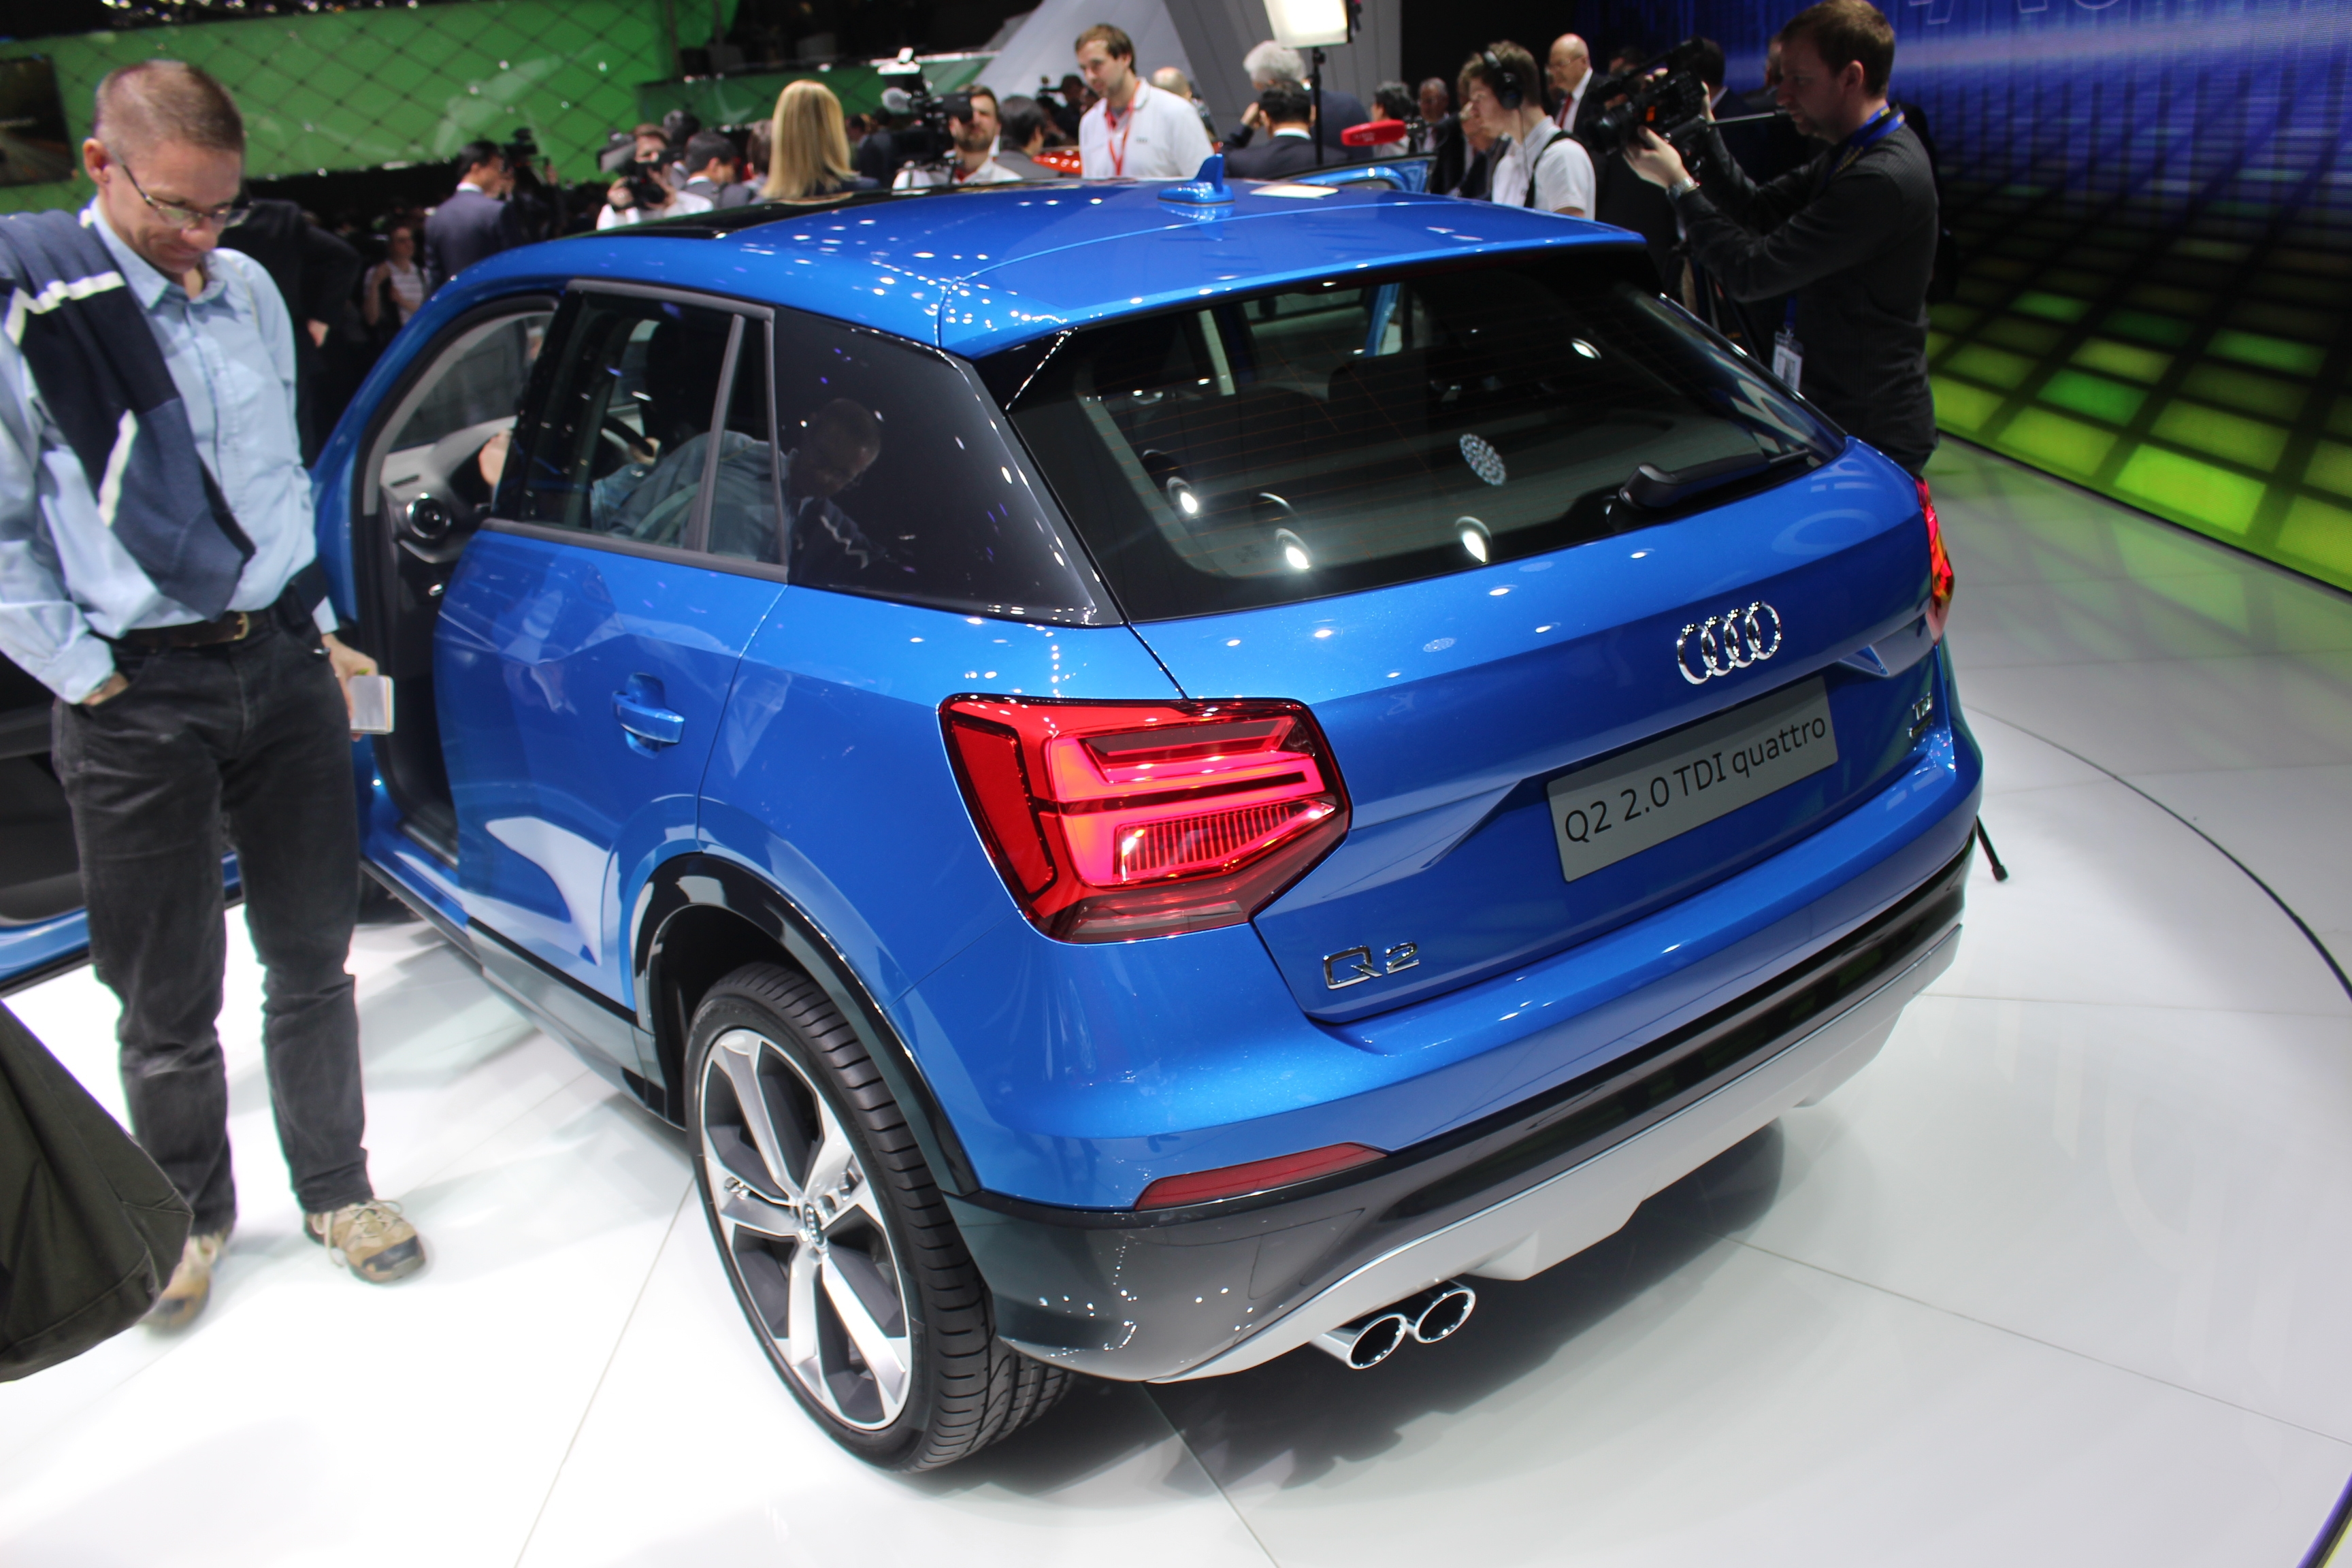 2016 - [Audi] Q2 - Page 14 S0-audi-q2-rendez-vous-le-1er-mars-a-9h30-pour-le-decouvrir-en-live-du-salon-de-geneve-2016-373090